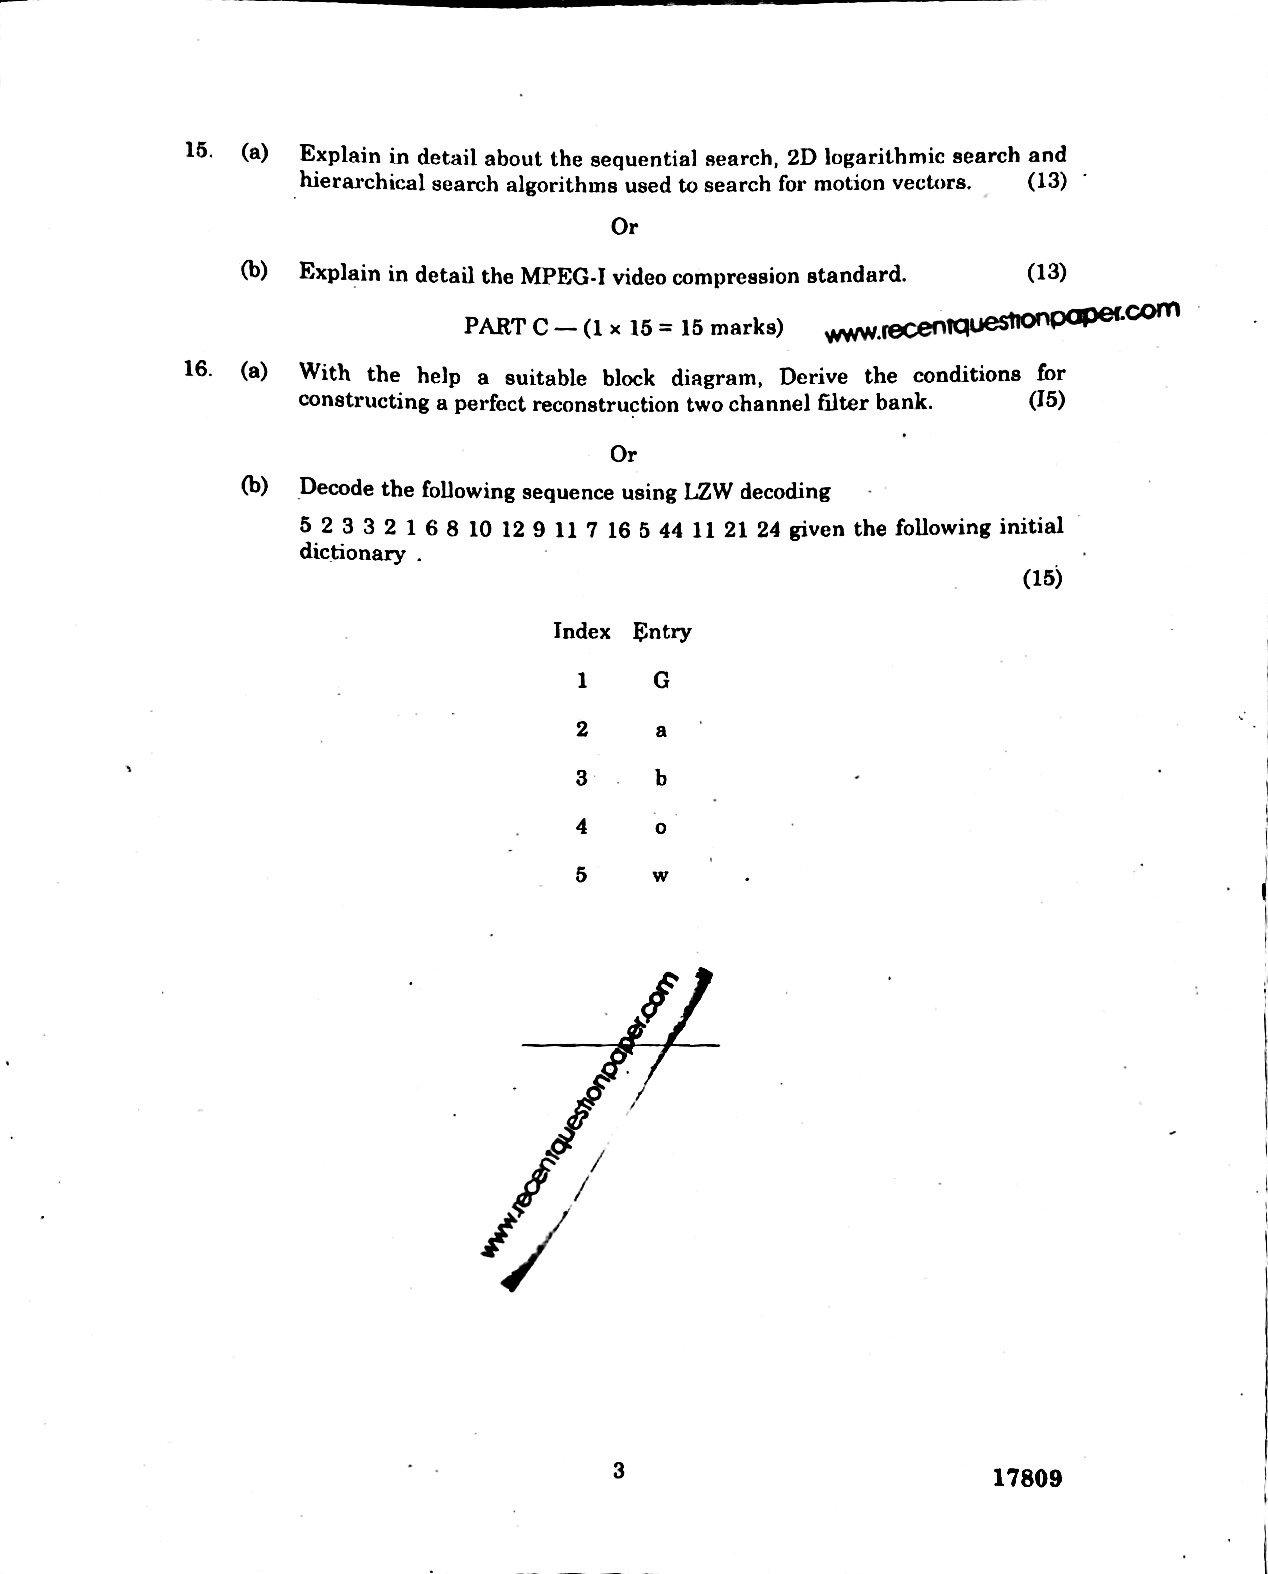 NC7002 Multimedia Compression Techniques Anna University Question paper Nov/Dec 2016 pdf